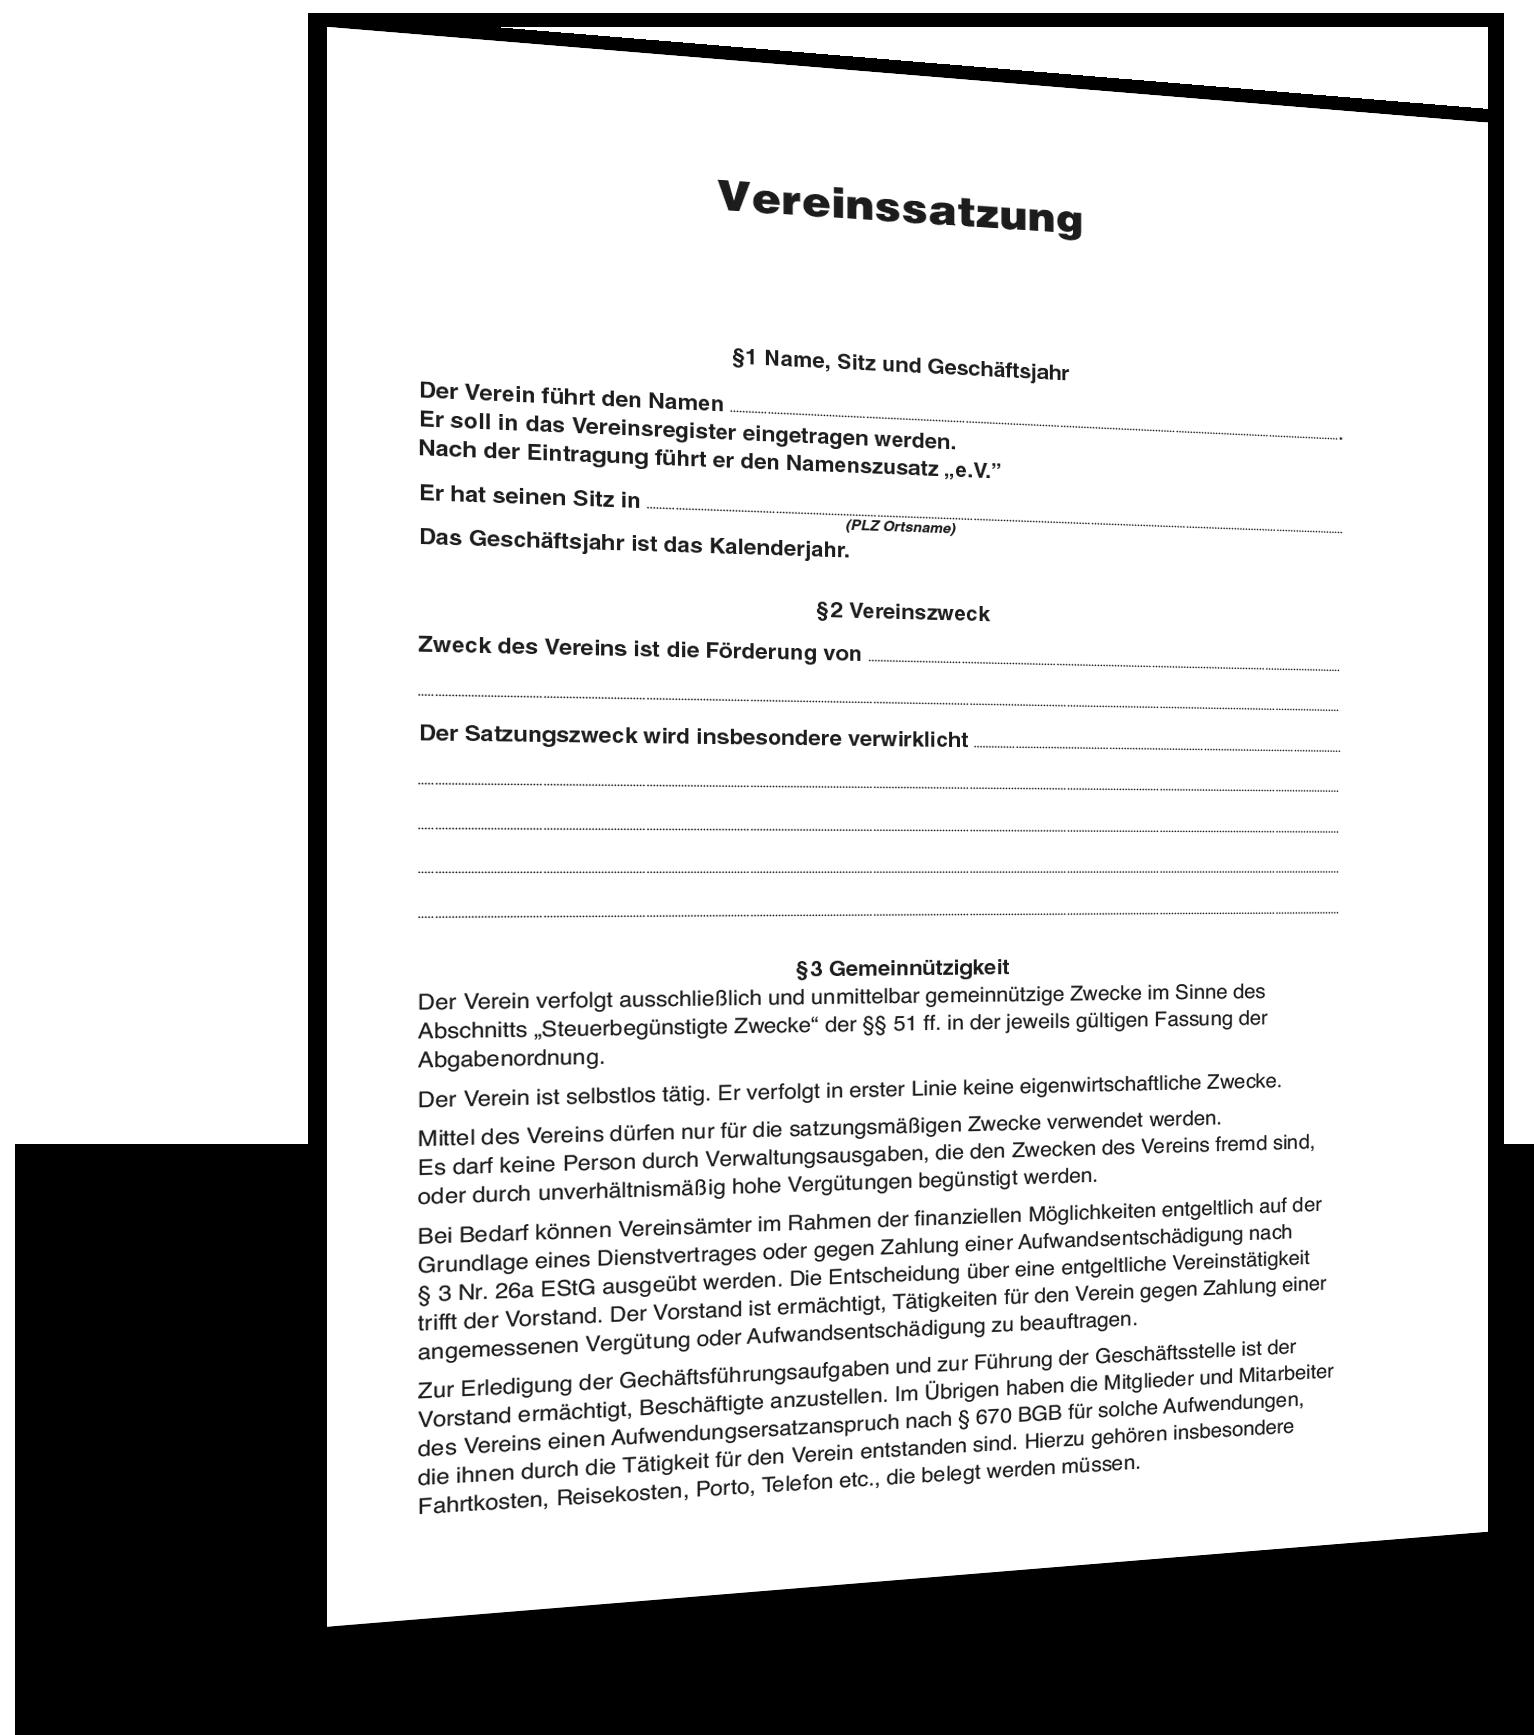 vereinssatzung muster - Muster Vereinssatzung